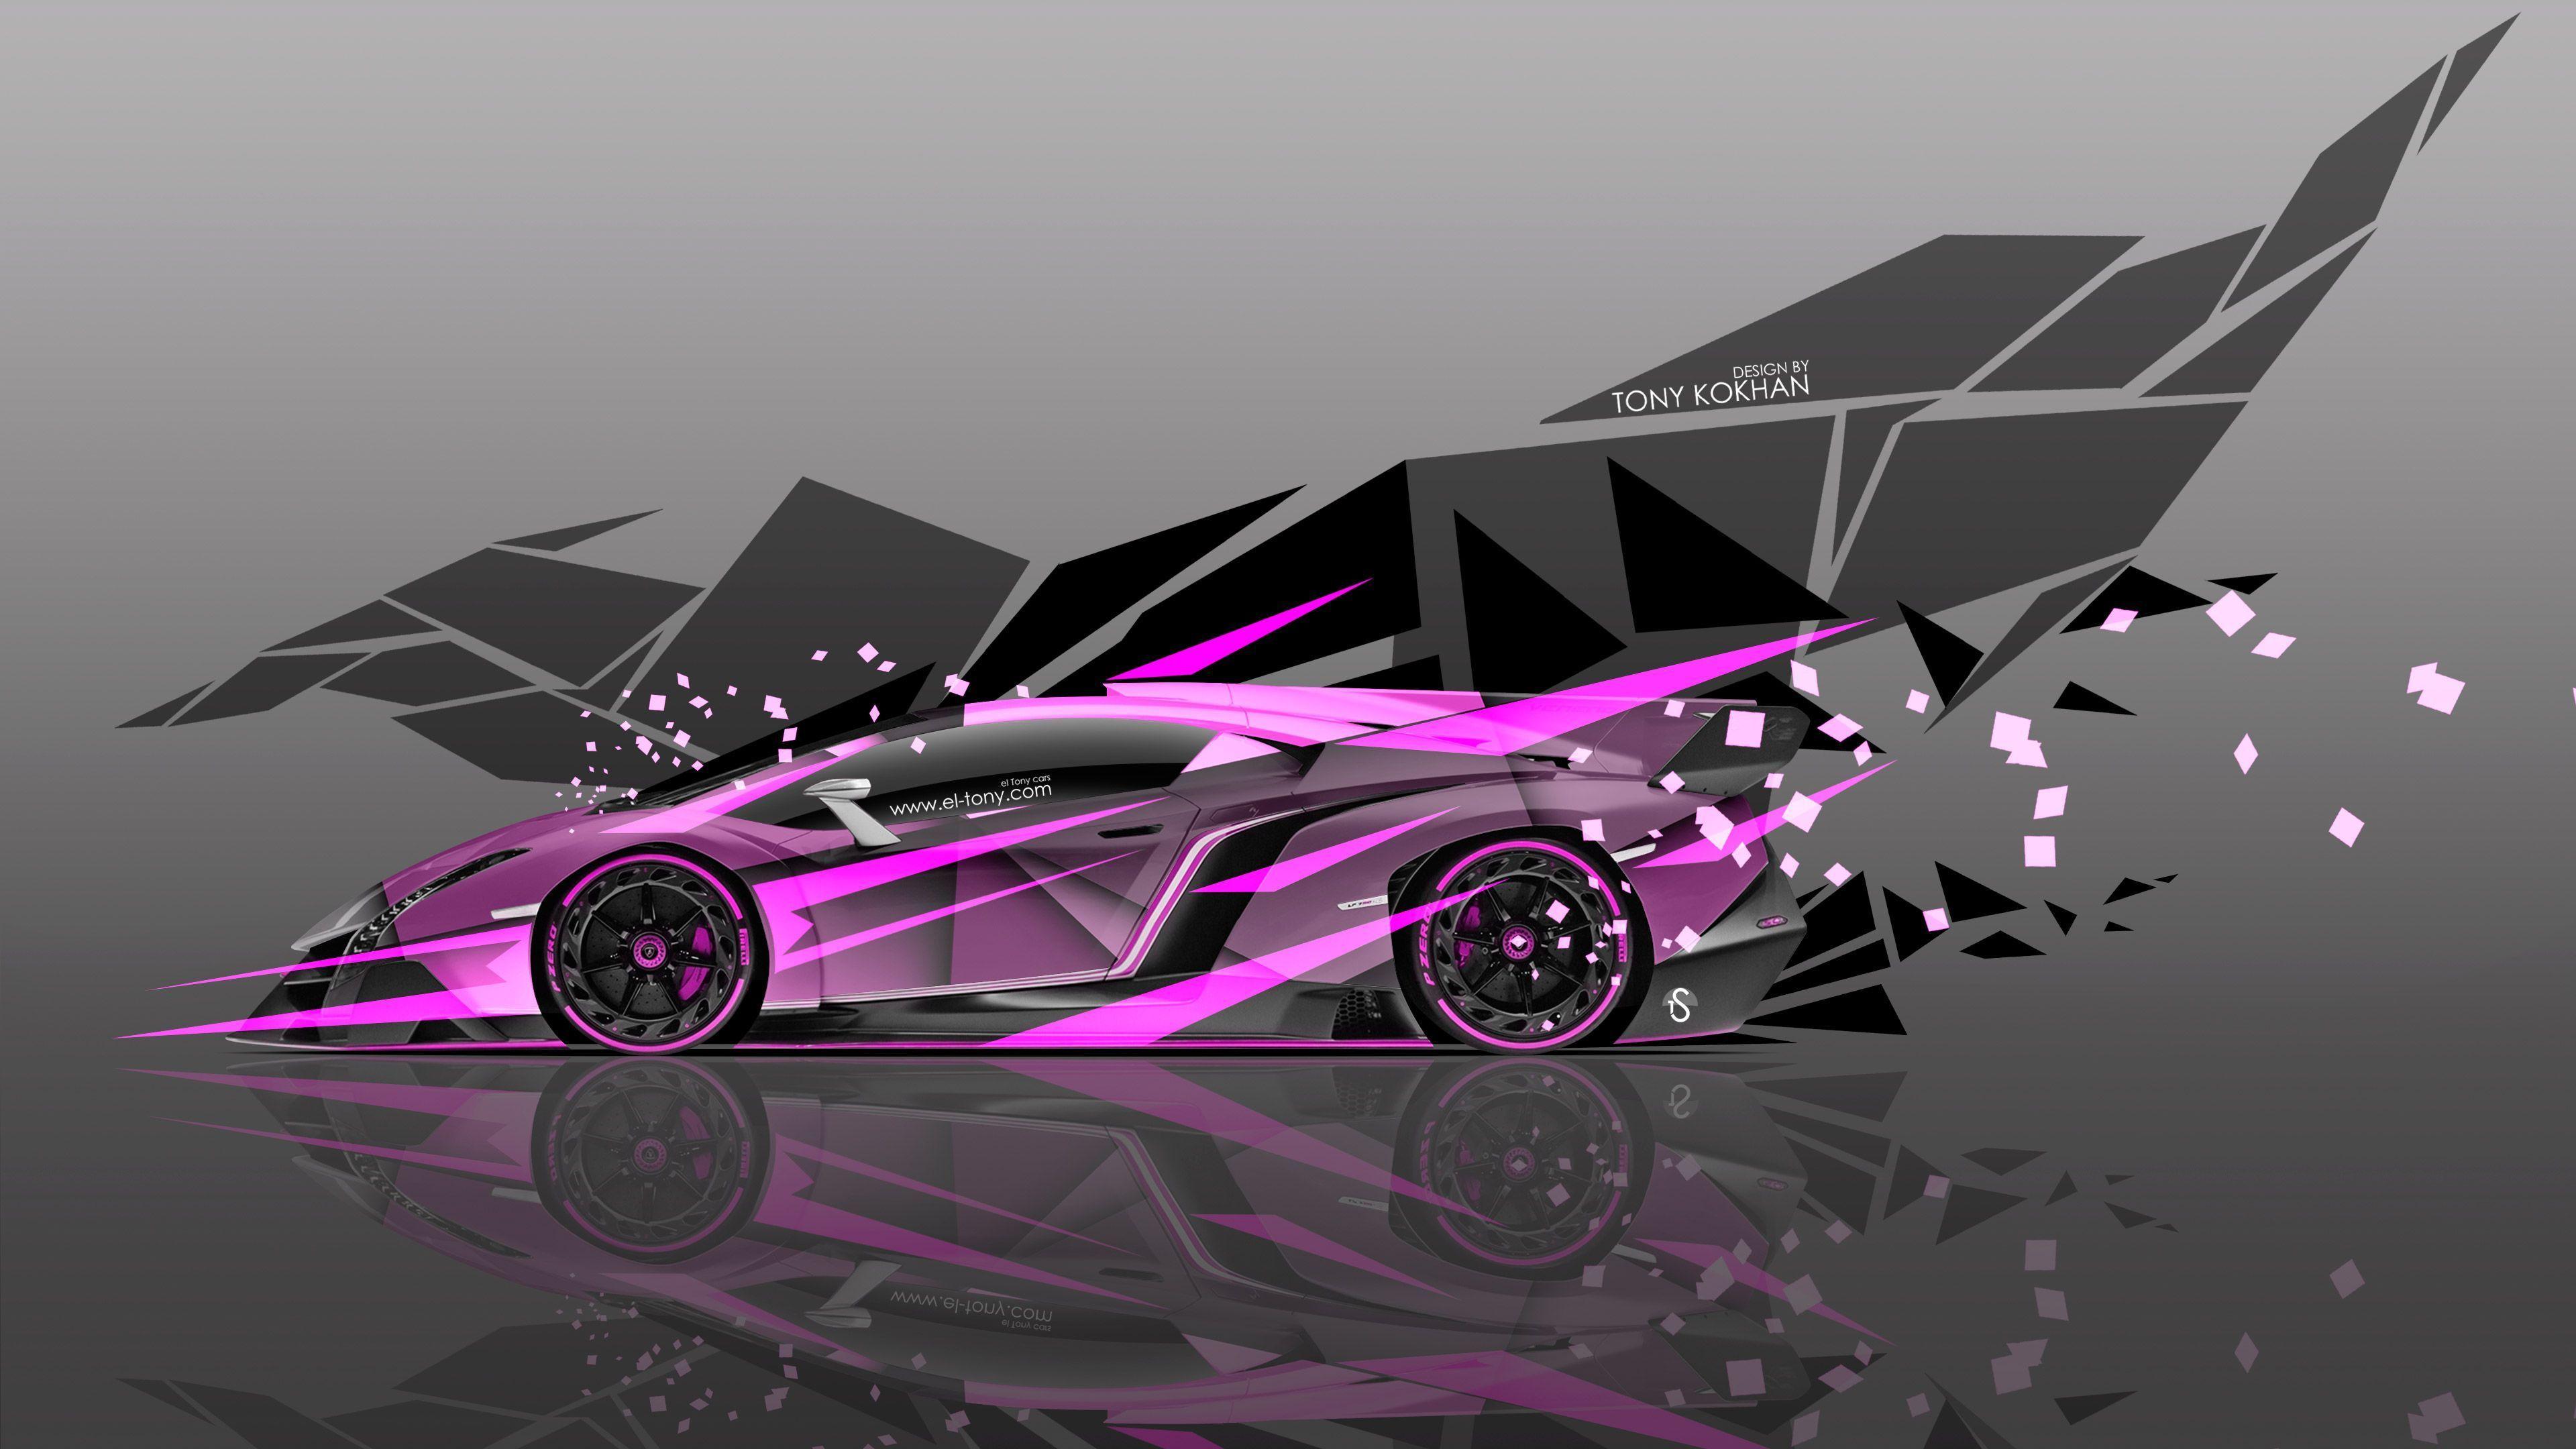 4K Lamborghini Veneno Side Super Abstract Car 2015 « El Tony